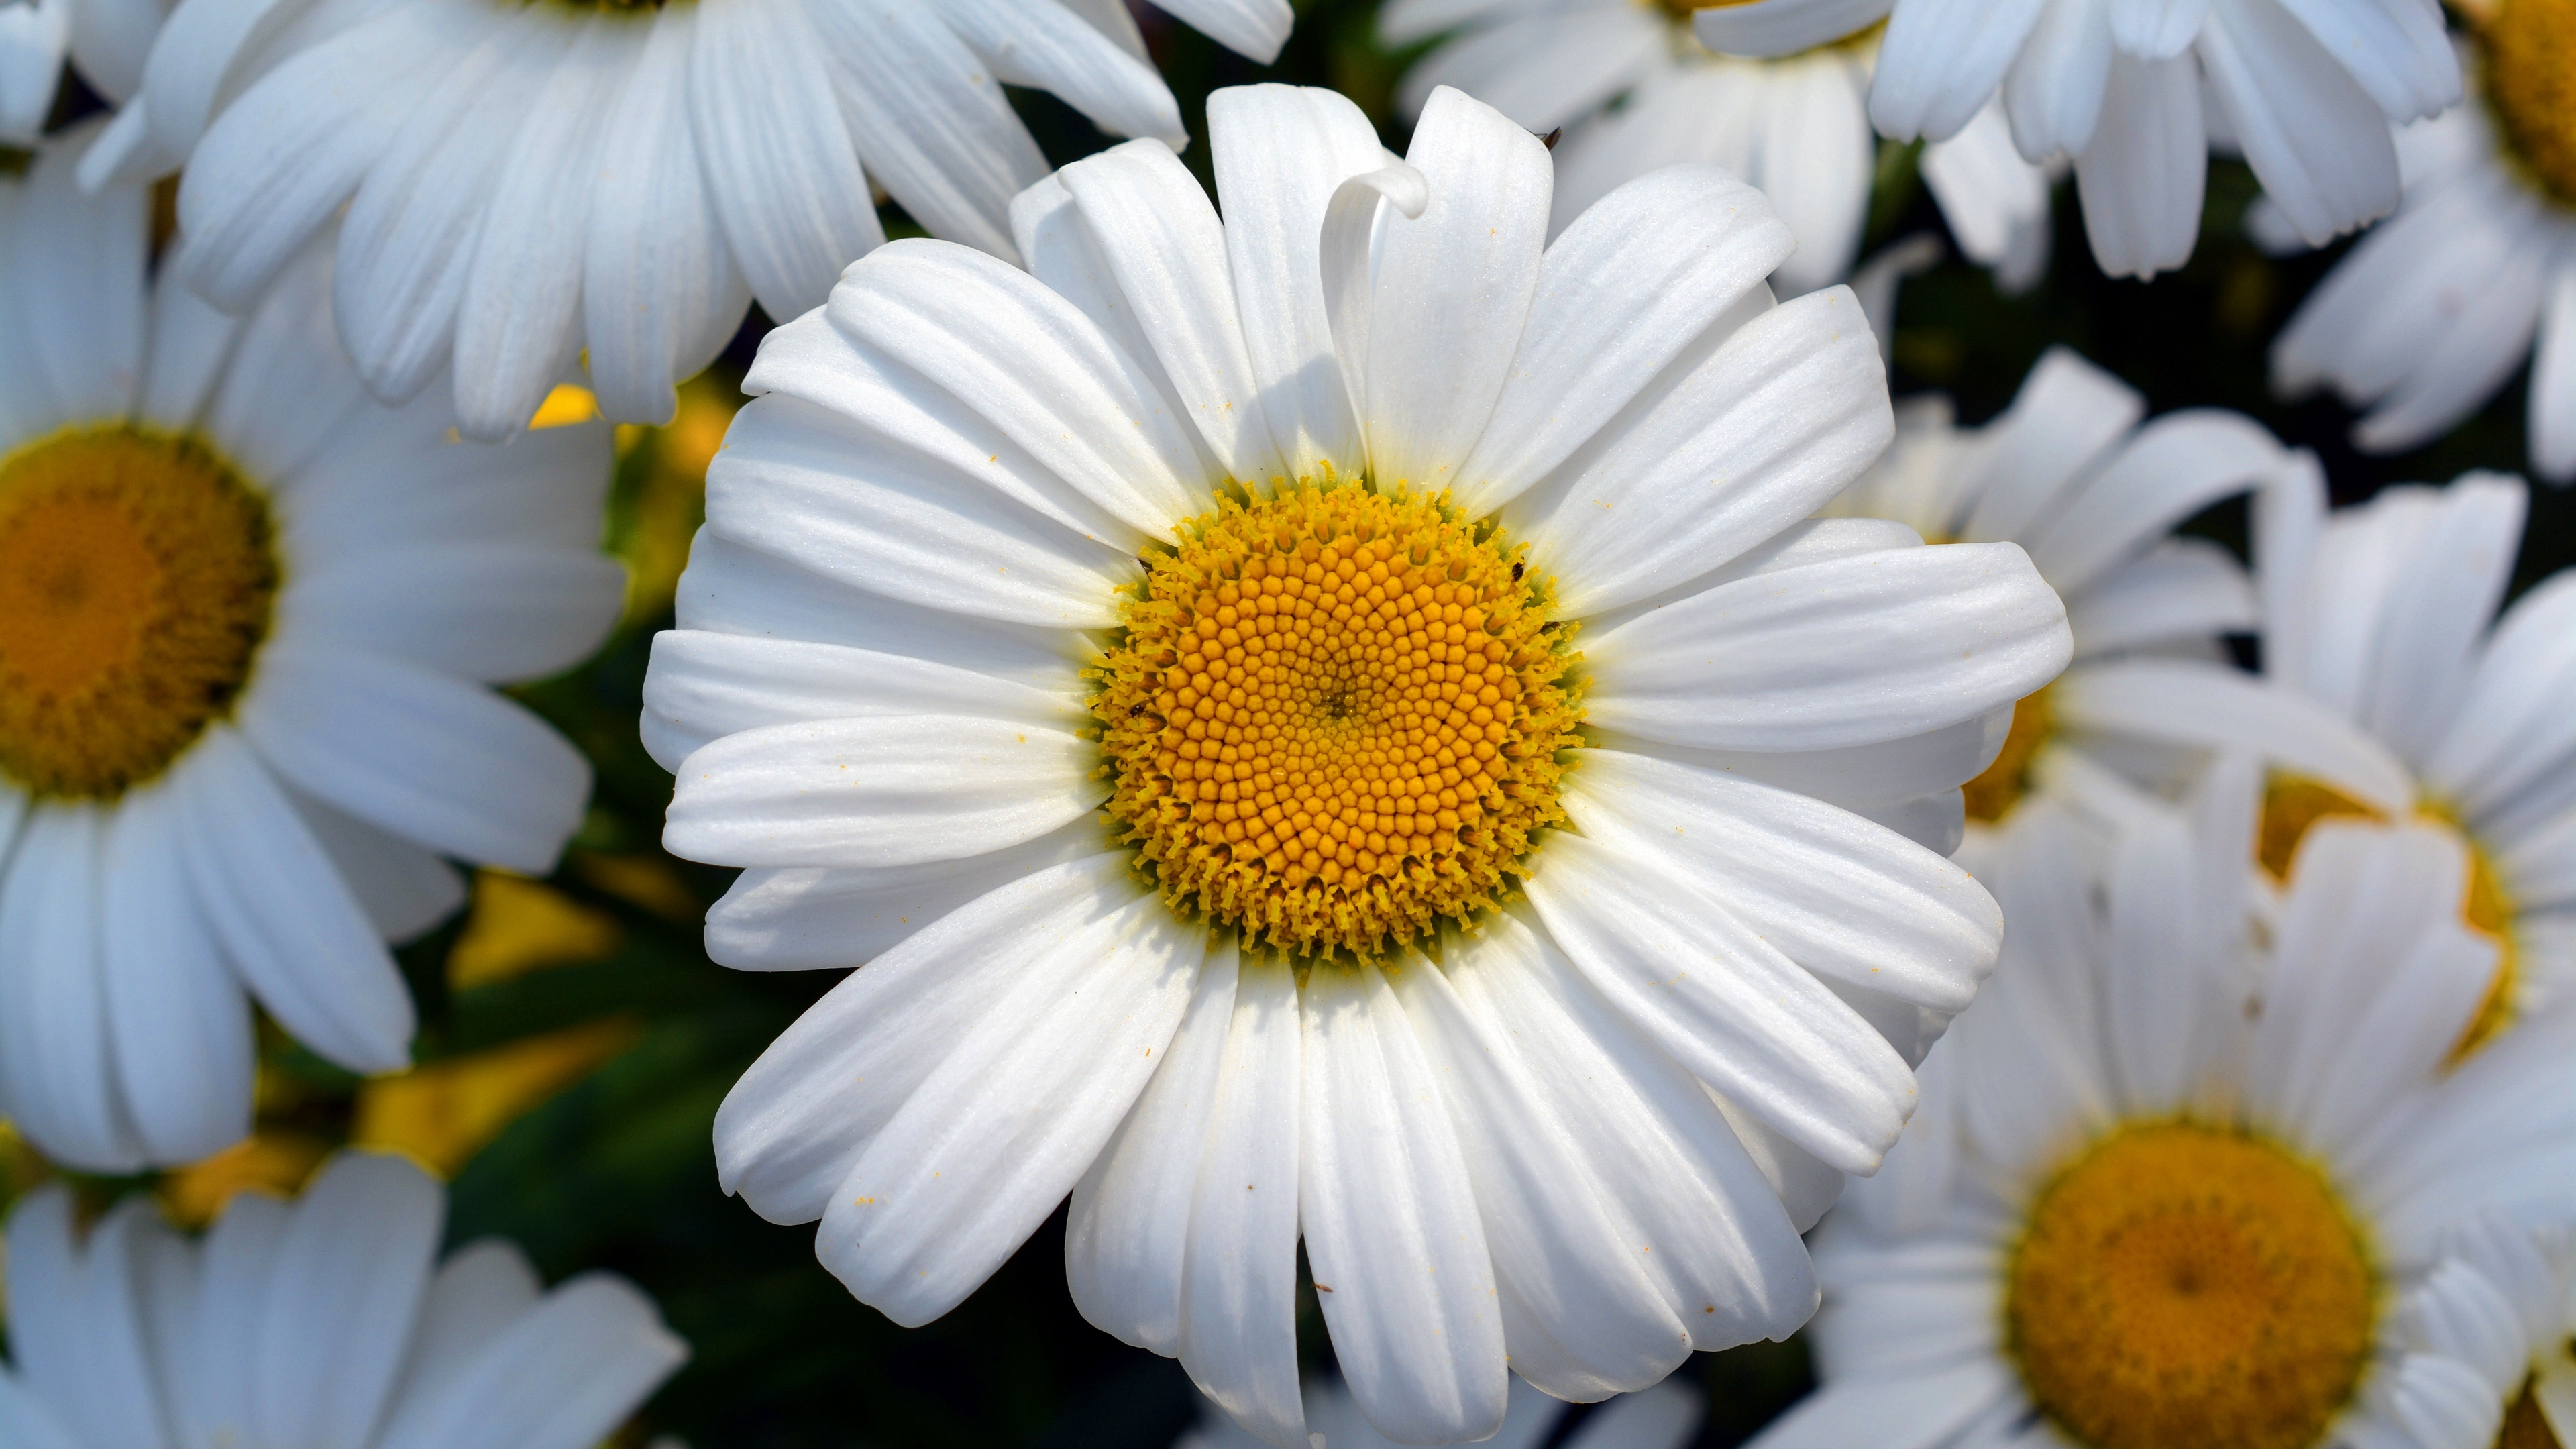 daisy flower petals field 4k 1540064879 - daisy, flower, petals, field 4k - Petals, flower, Daisy